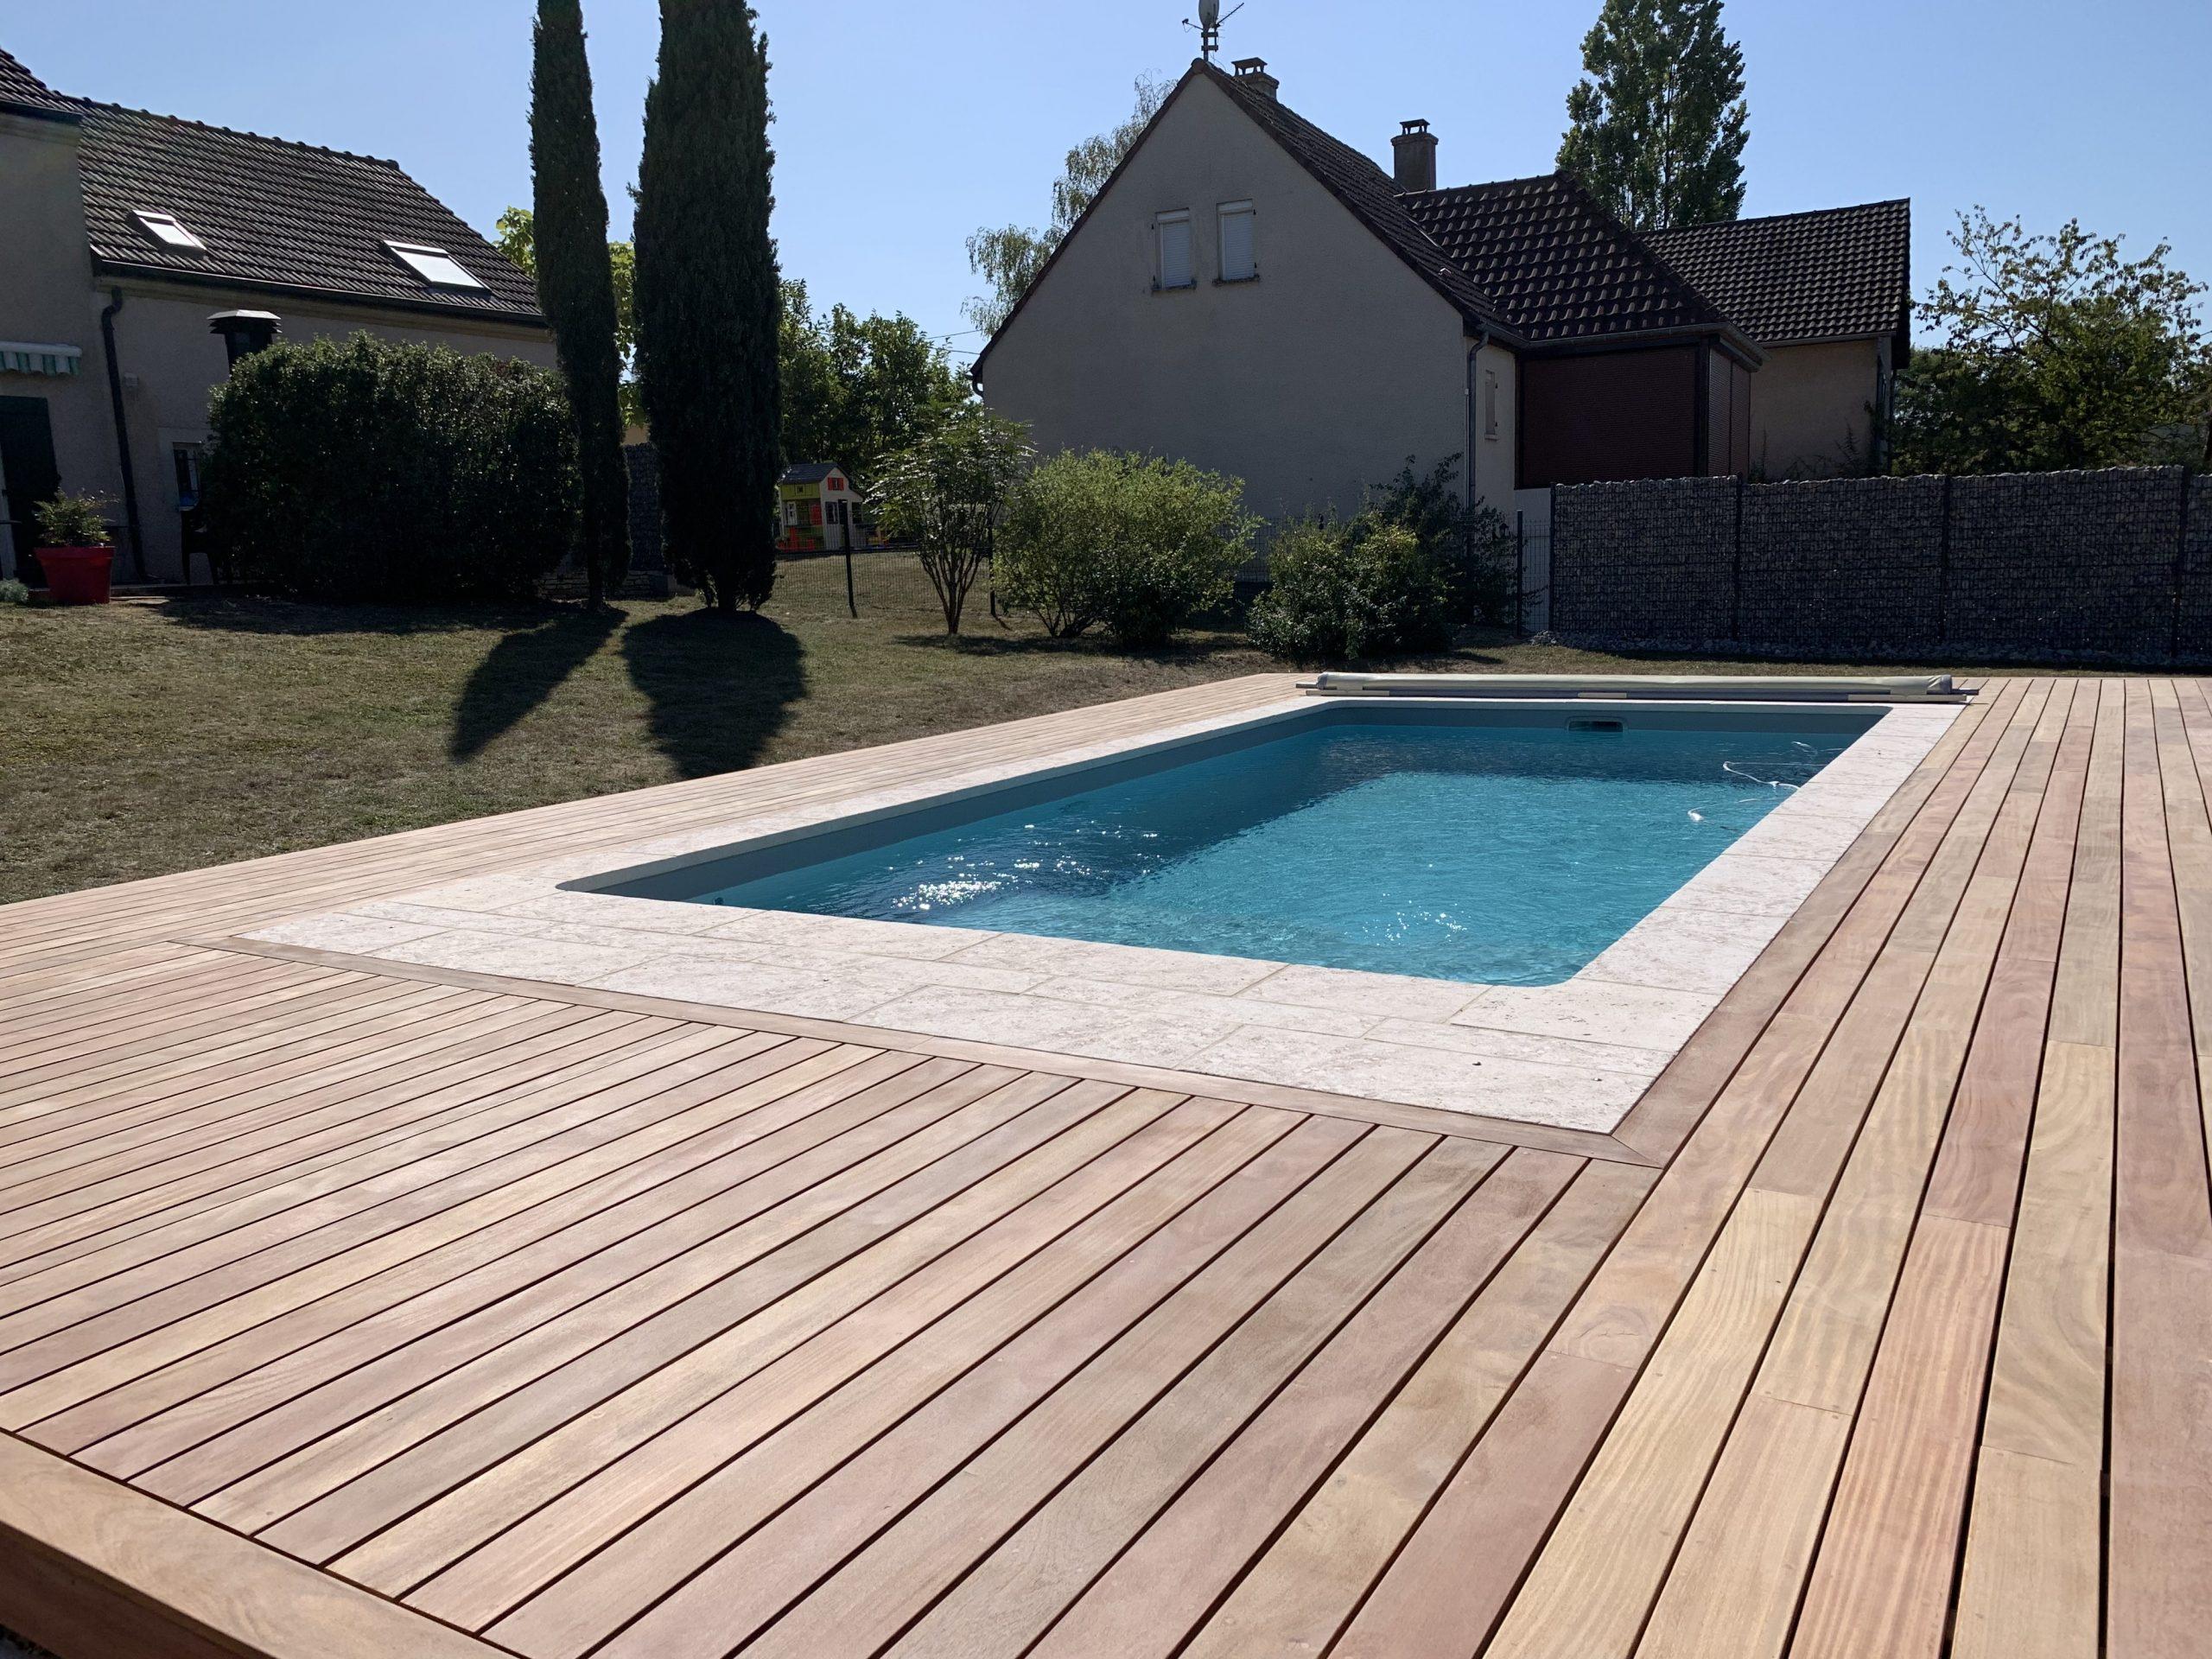 Concept Bois Design Réalise Une Terrasse En Bois Pour Votre ... destiné Bois Pour Exterieur